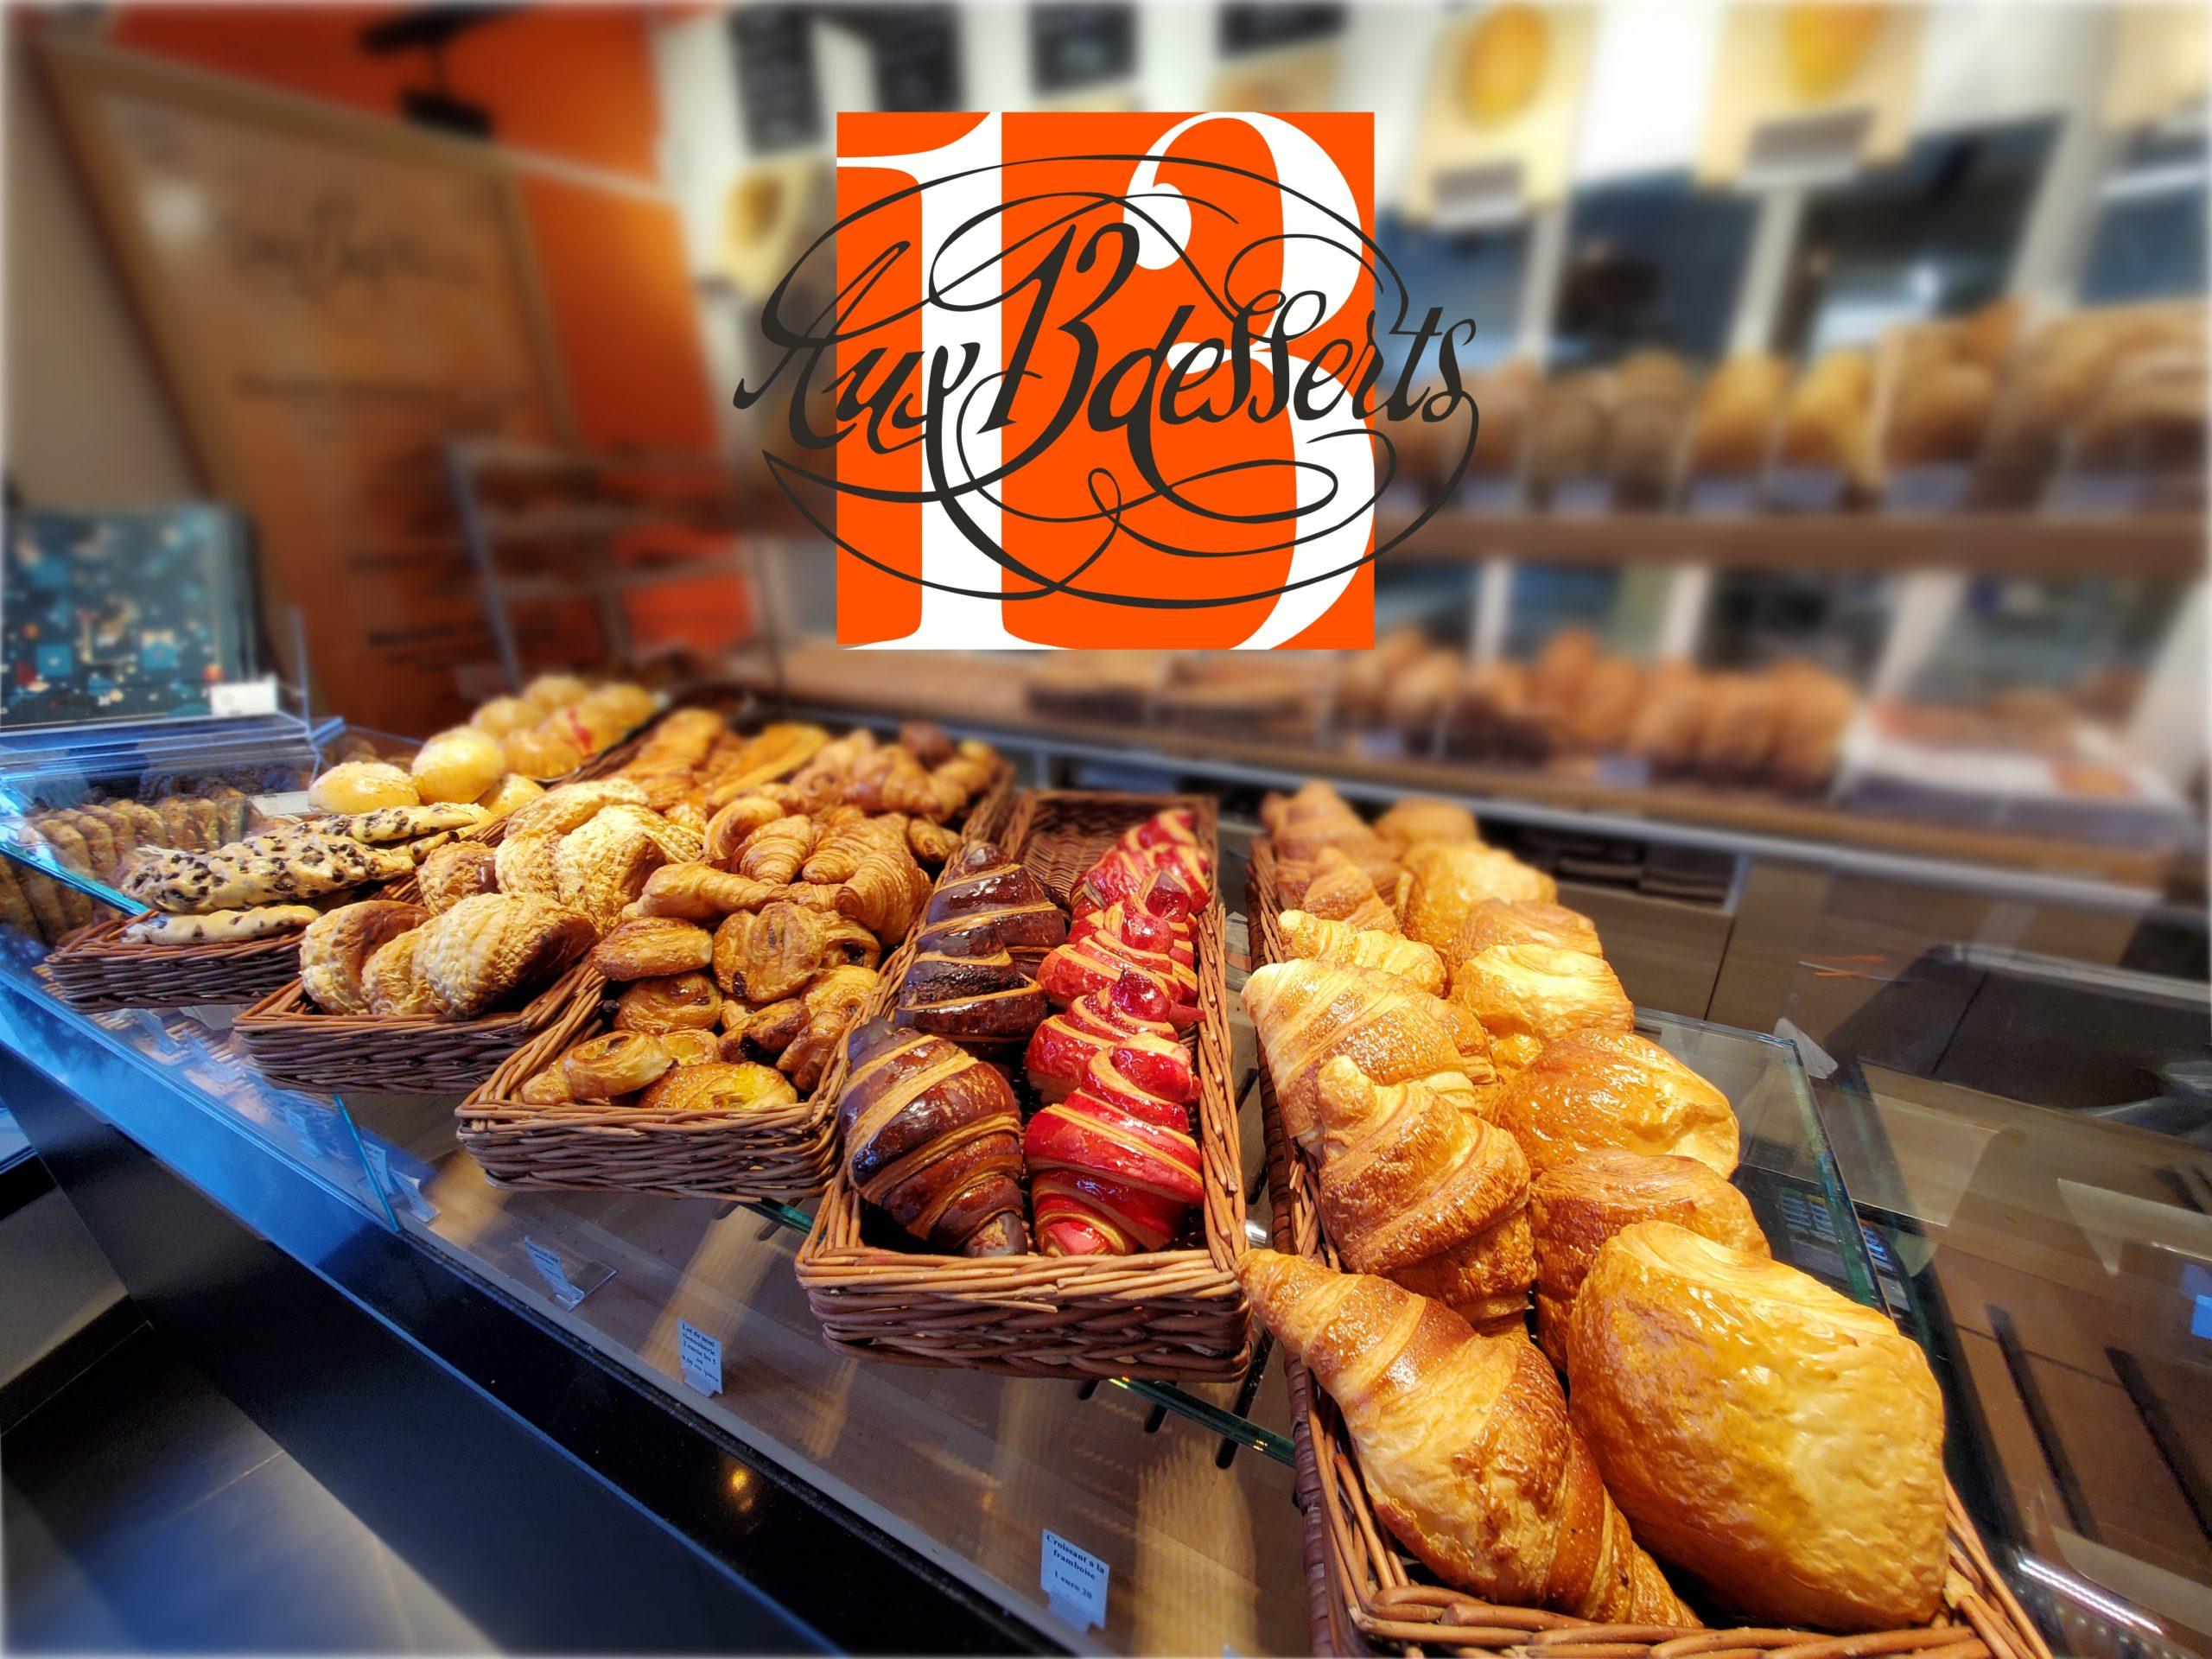 Boulangerie Aux 13 desserts à Caveirac